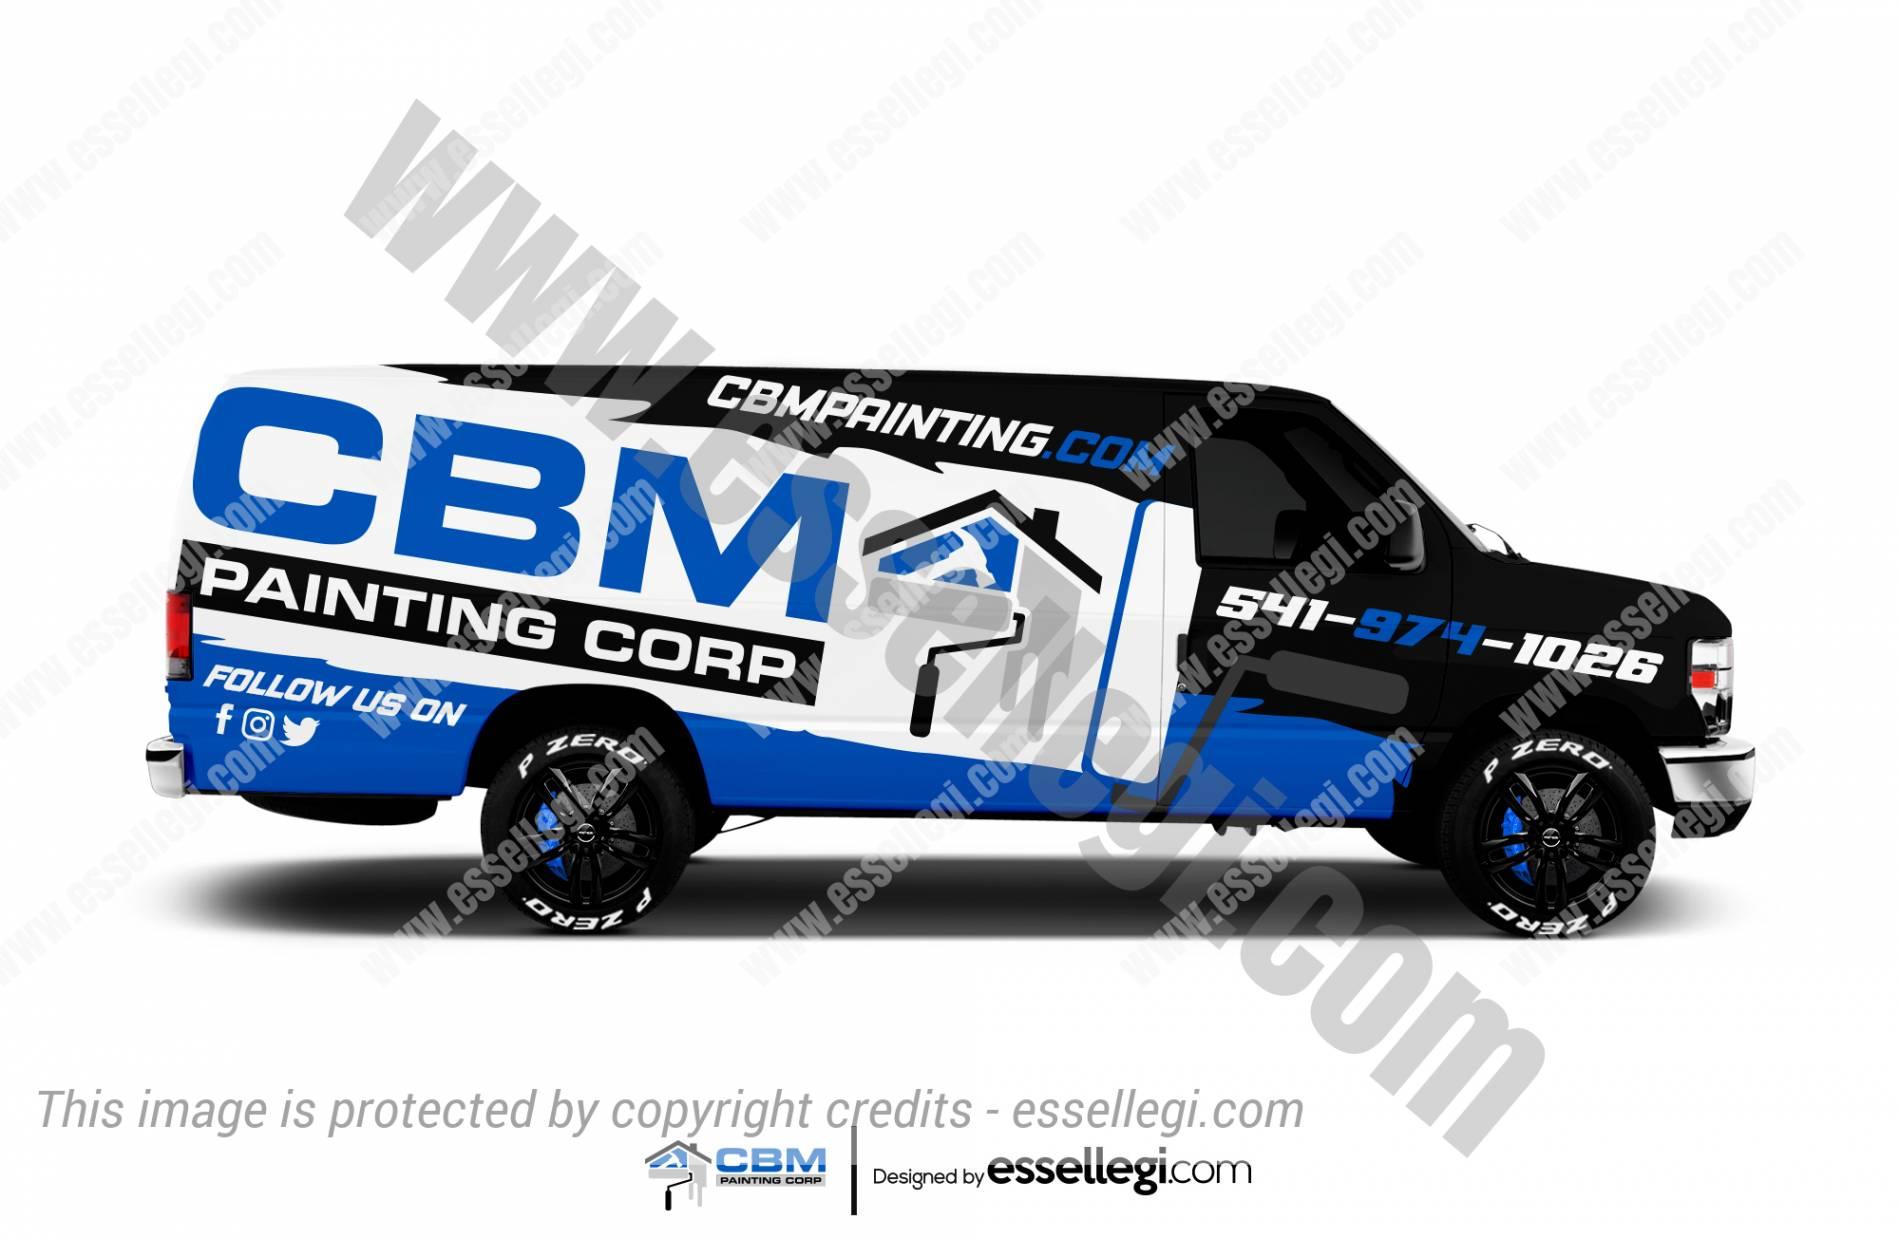 Ford E150 Wrap Design. Ford E150 | Van Wrap Design by Essellegi. Van Signs, Van Signage, Van Wrapping, Van Signwriting, Van Wrap Designer, Signs for Van, Van Logo, Van Graphic by Essellegi.